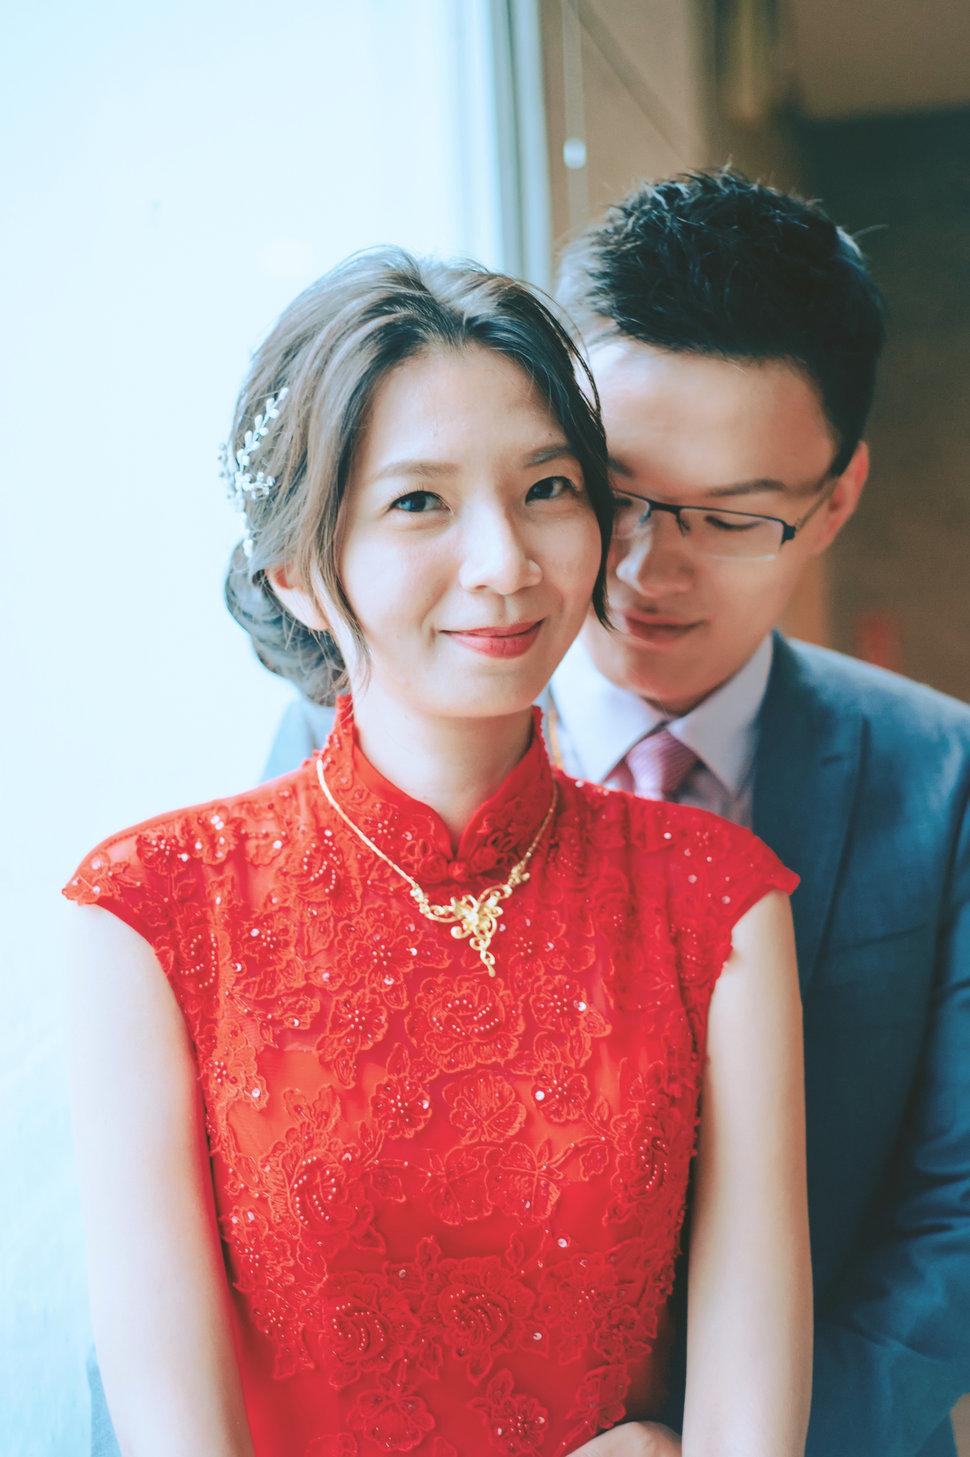 20171015文定紀影0282 - 塔克雷爾Photography - 結婚吧